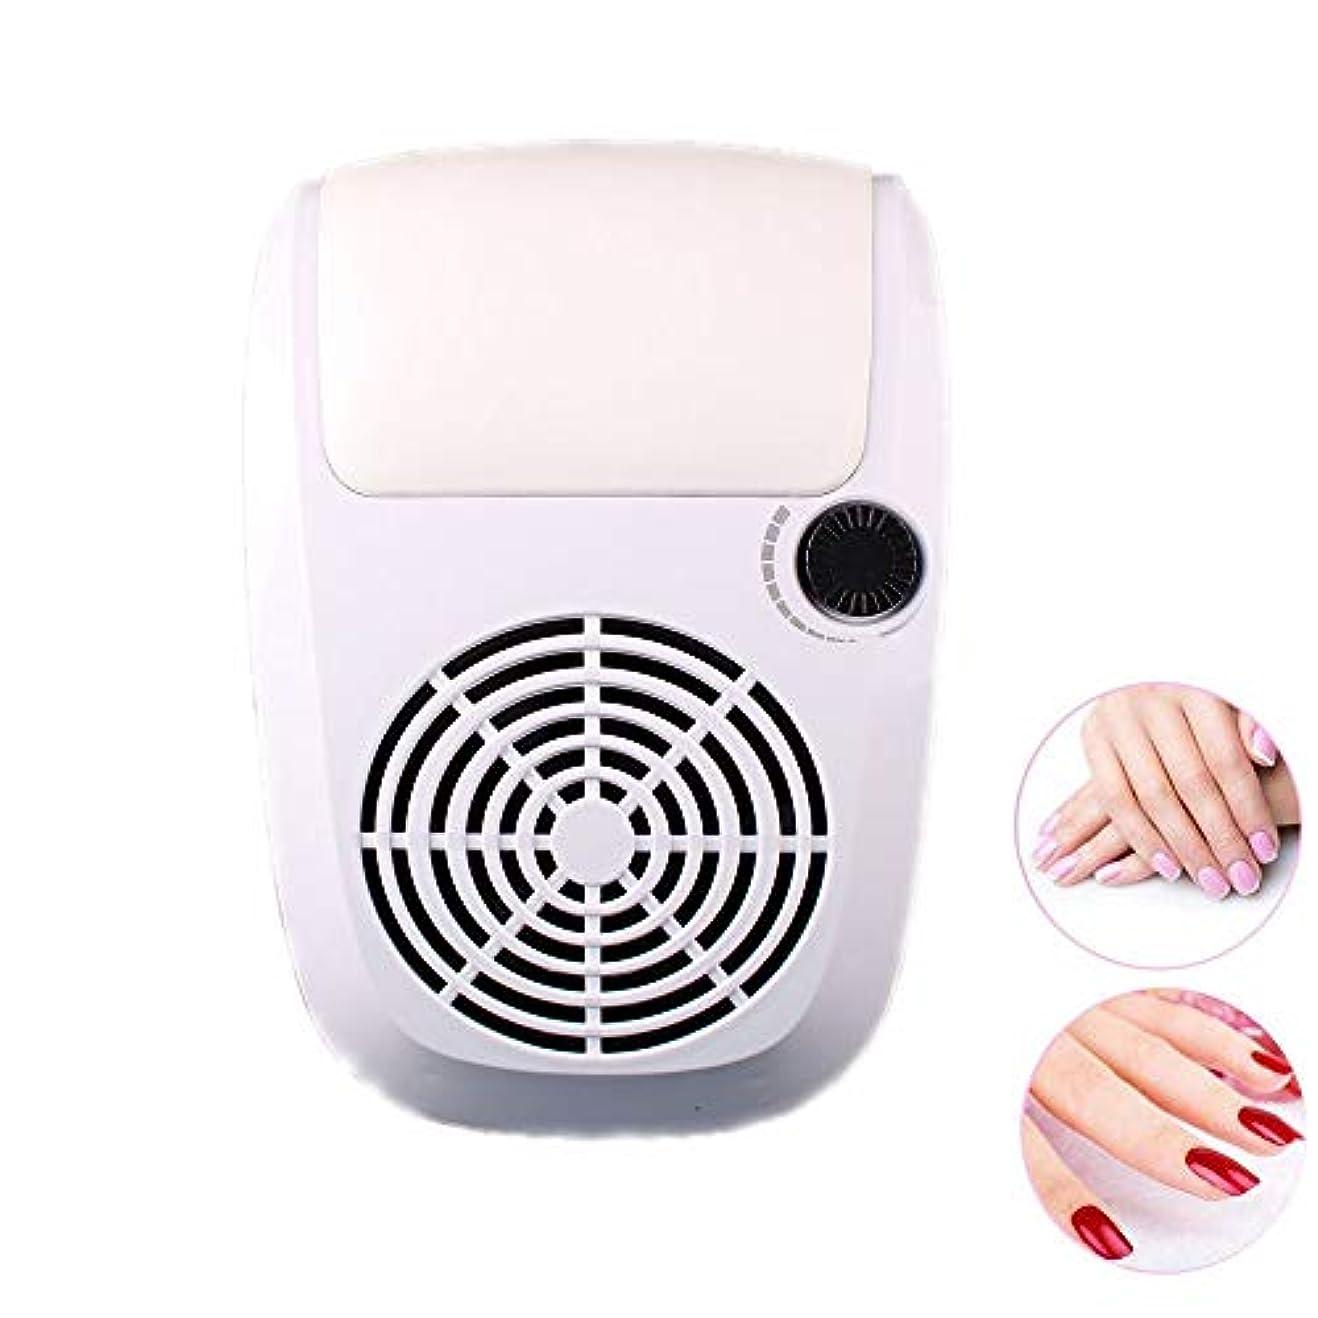 調節可能な掃除機、2つの塵袋が付いている調節可能で強力で釘の掃除機のマニキュア用具、実用的で釘の大広間のクリーニング装置,白